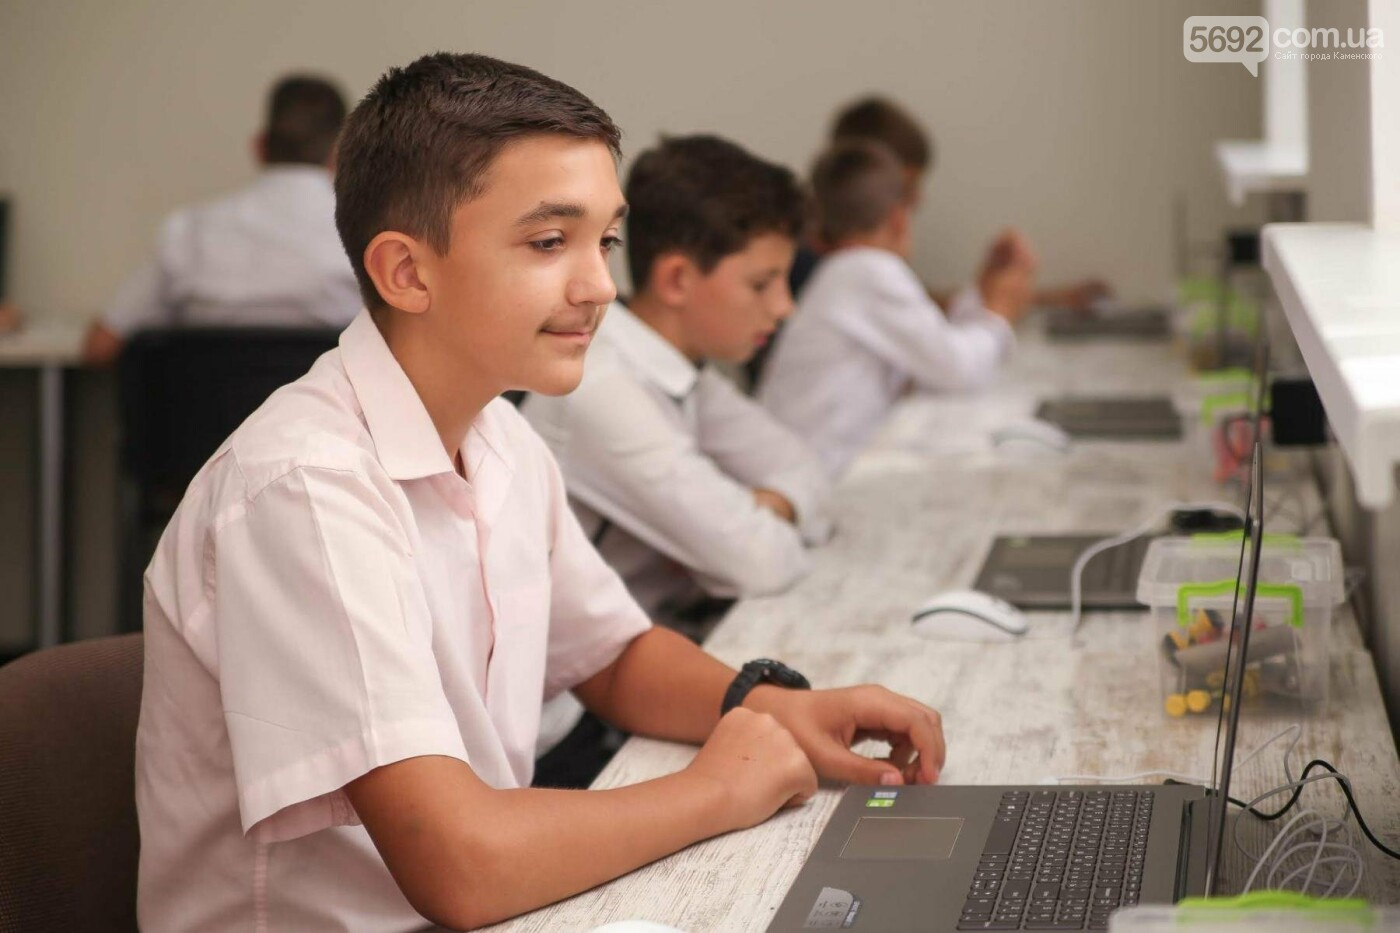 В Каменском открыли бесплатную Школу Робототехники, фото-1